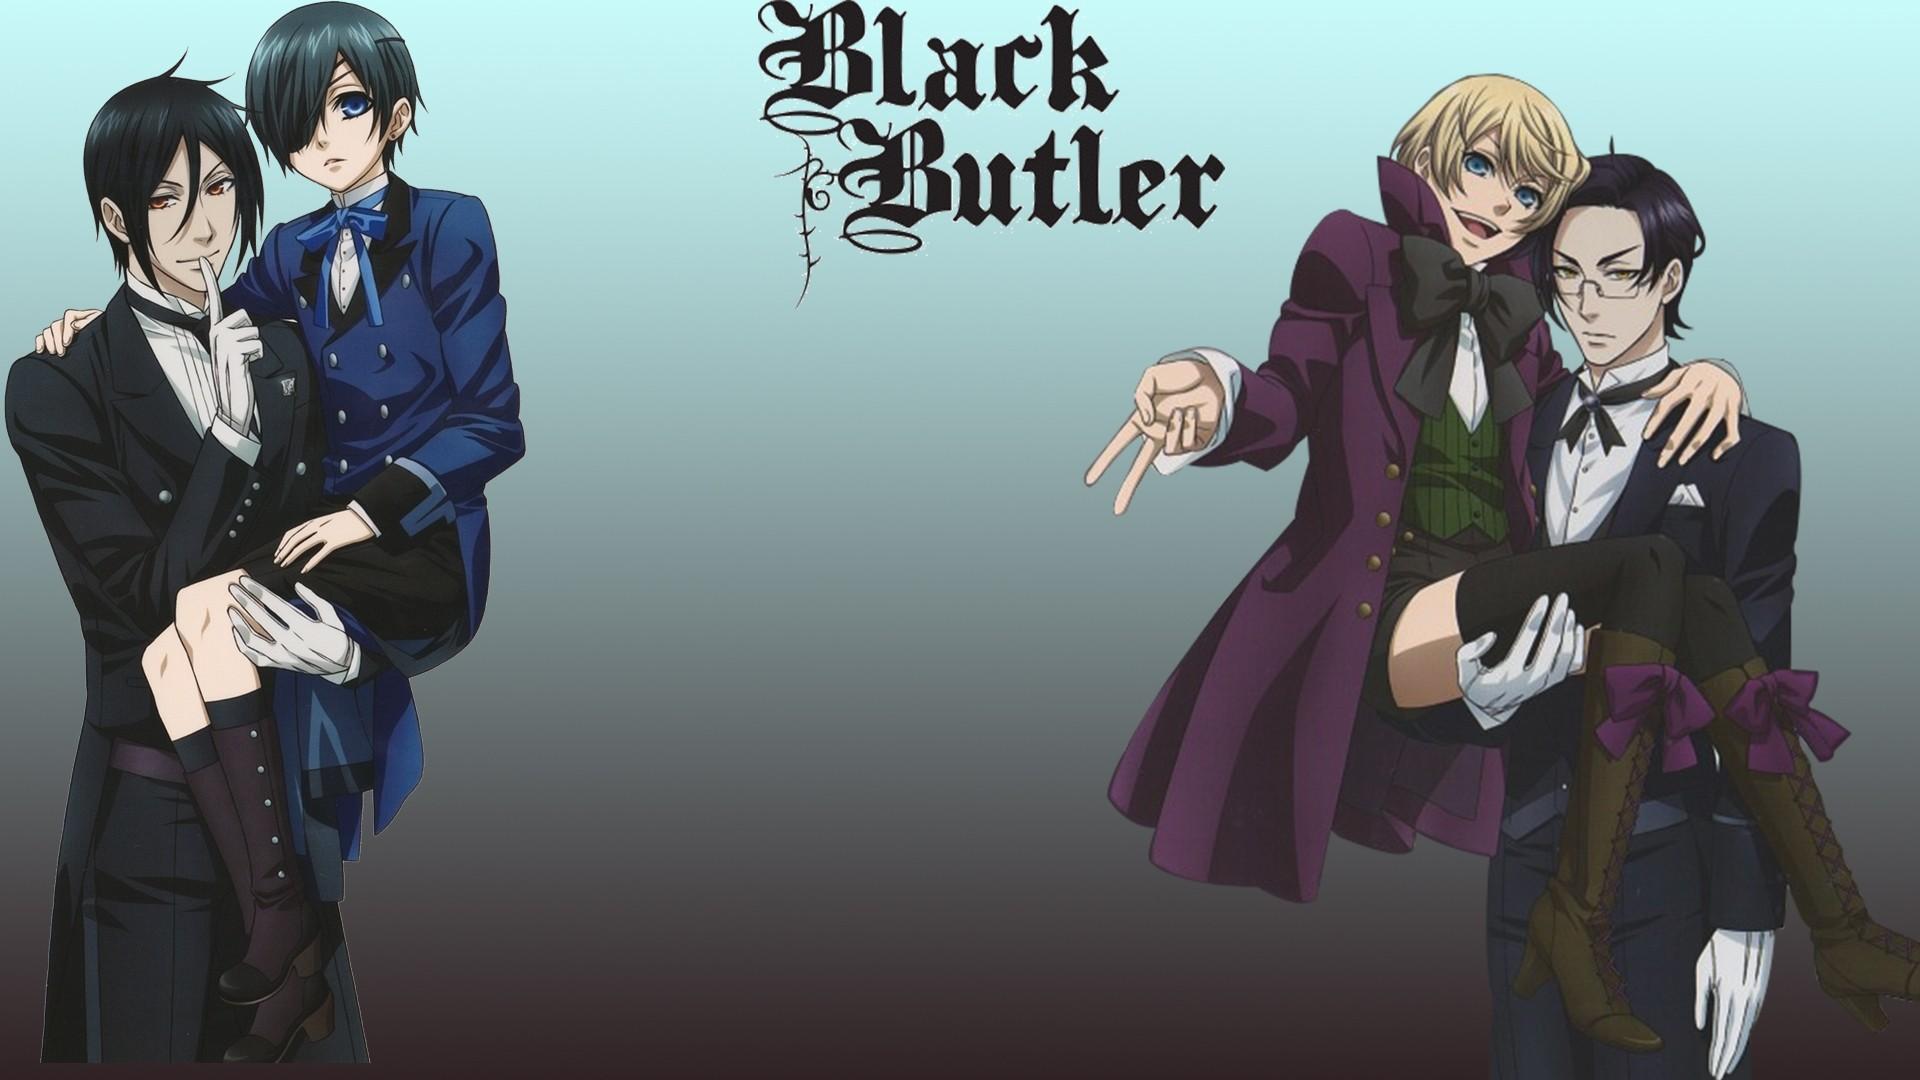 Black Butler Wallpaper